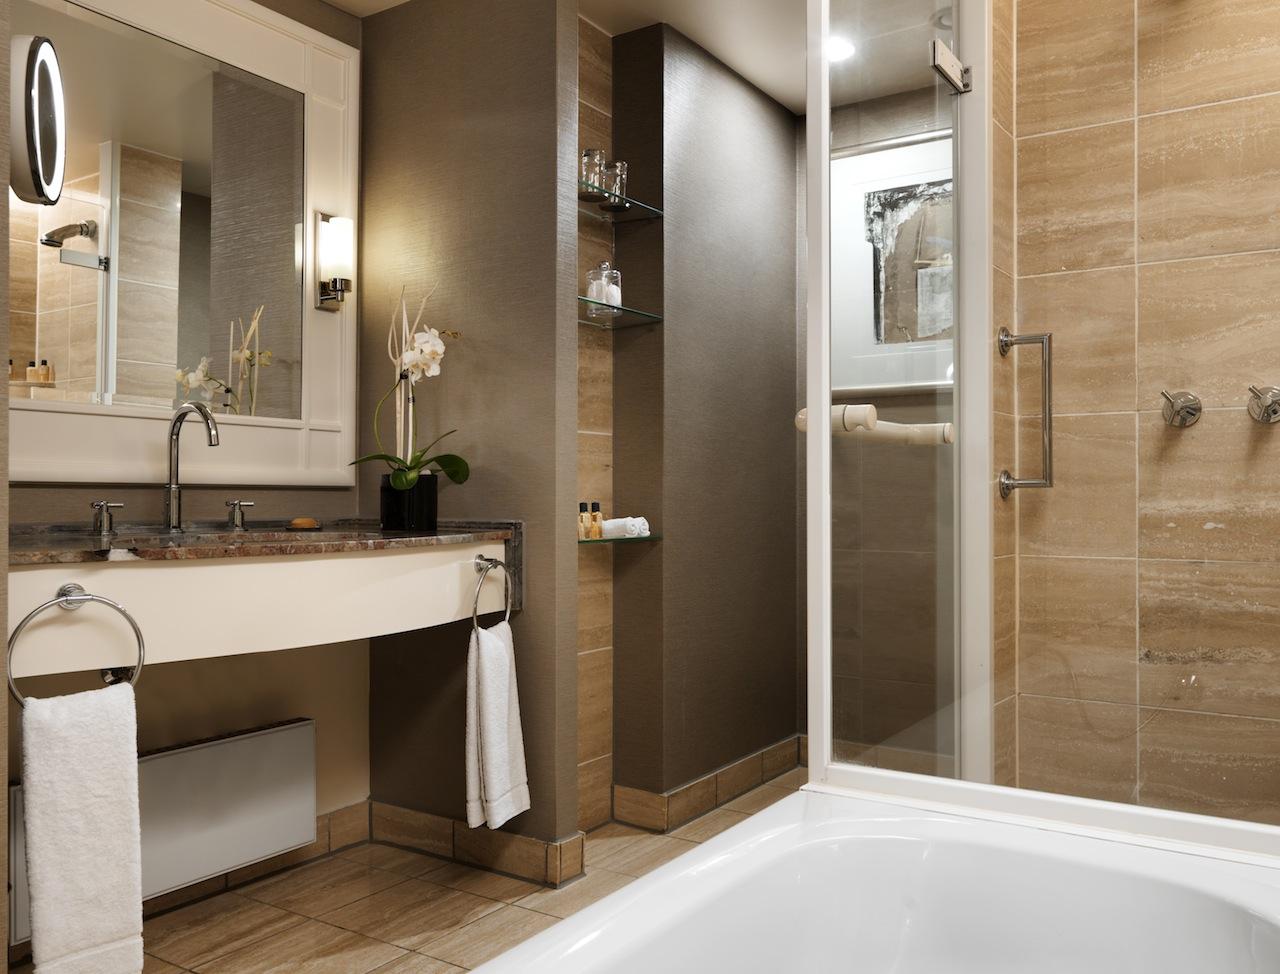 badezimmermöbel köln - tapeten 2017, Badezimmer